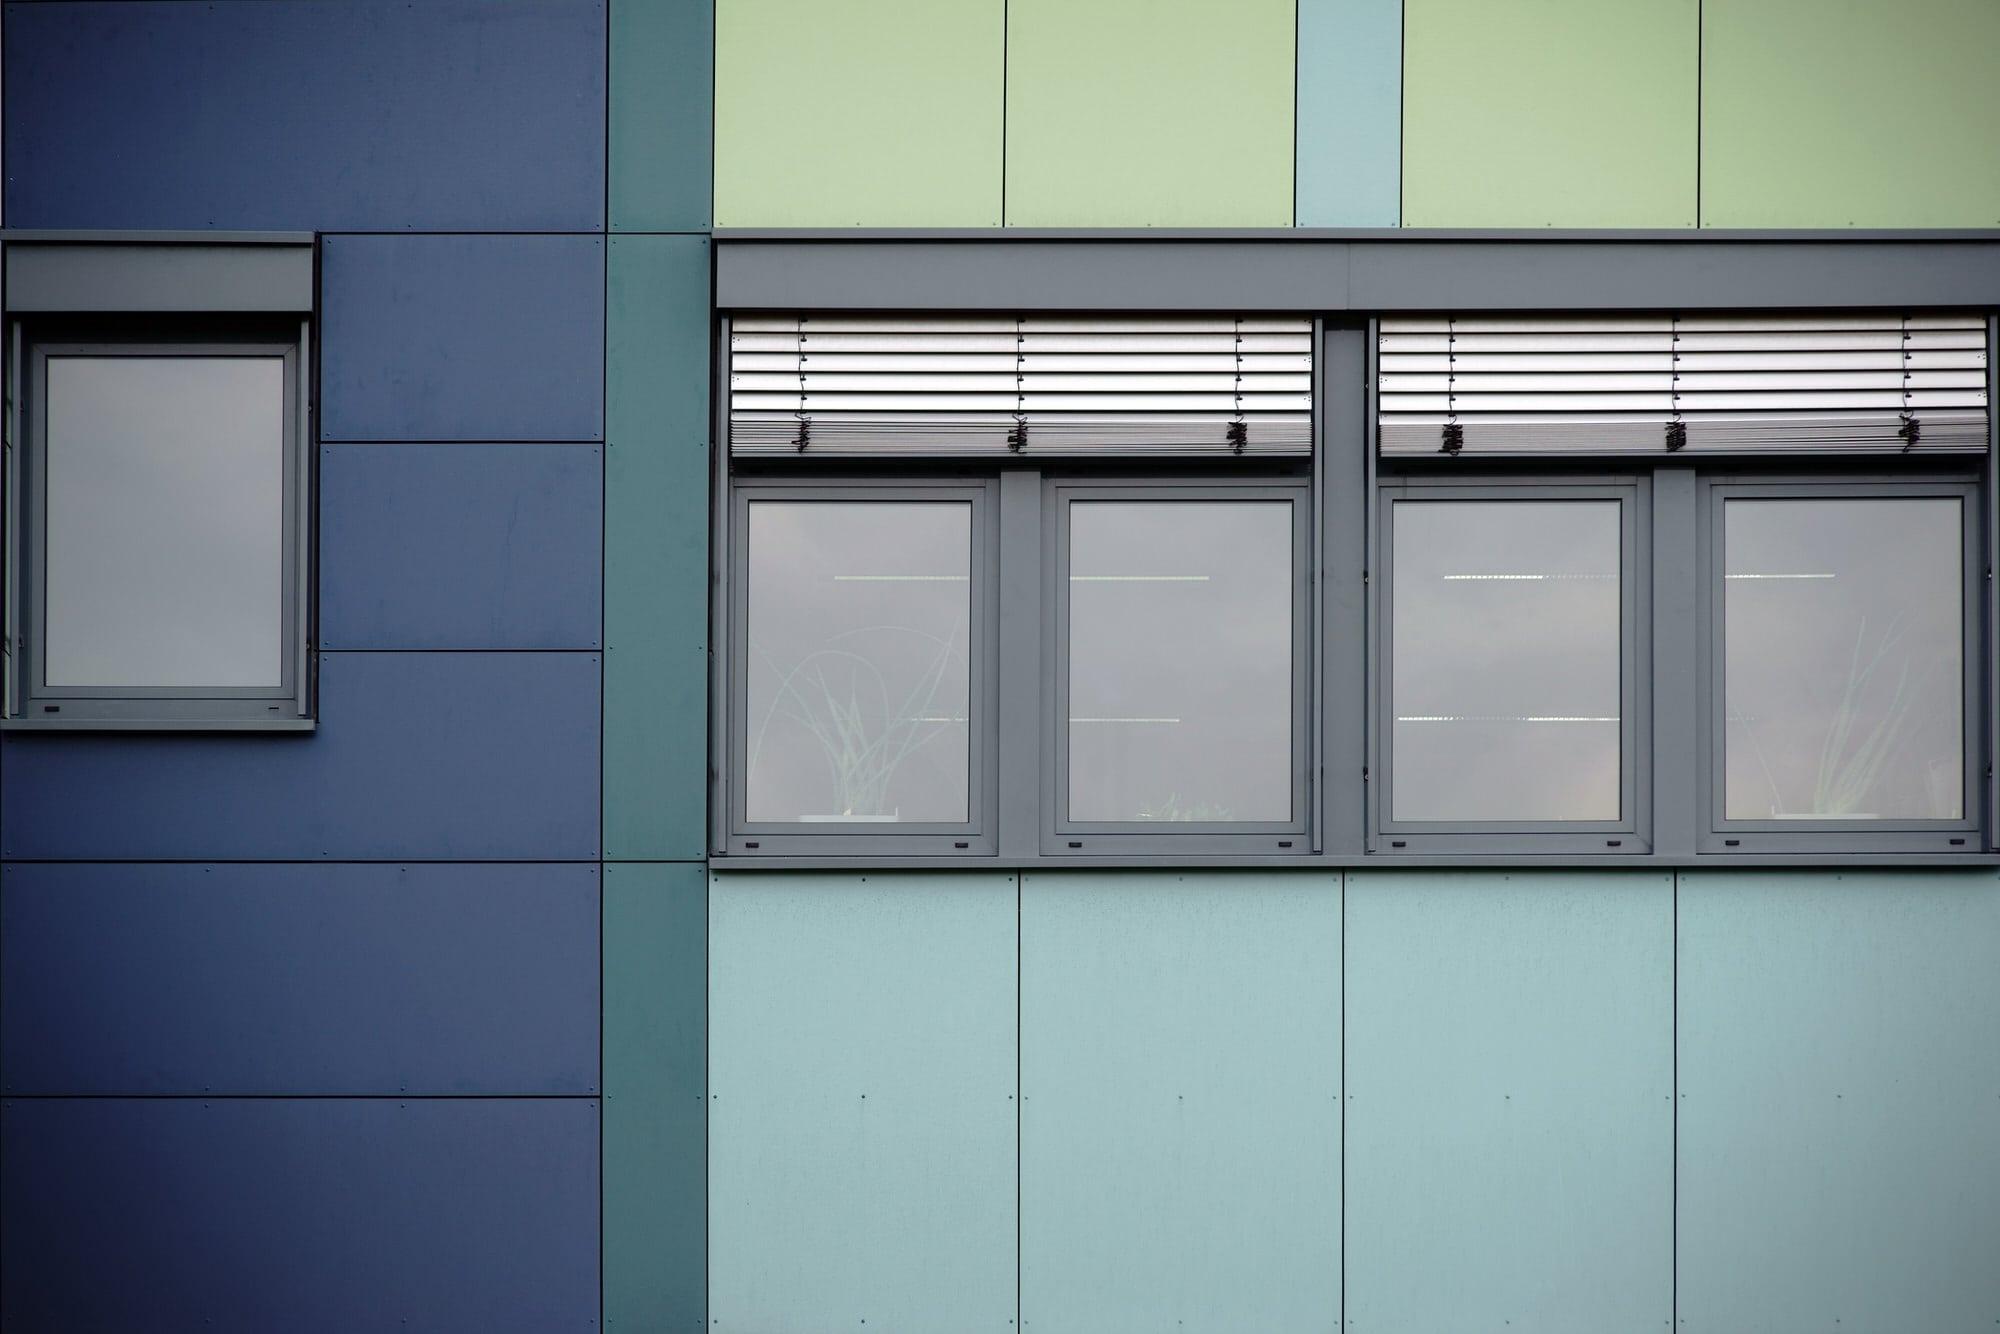 Full Size of Fenster Mit Rolladenkasten Rollladen Preise Diesen Kosten Mssen Sie Rechnen Heimhelden Velux Kaufen Online Konfigurieren Ikea Sofa Schlaffunktion Türen Obi Fenster Fenster Mit Rolladenkasten